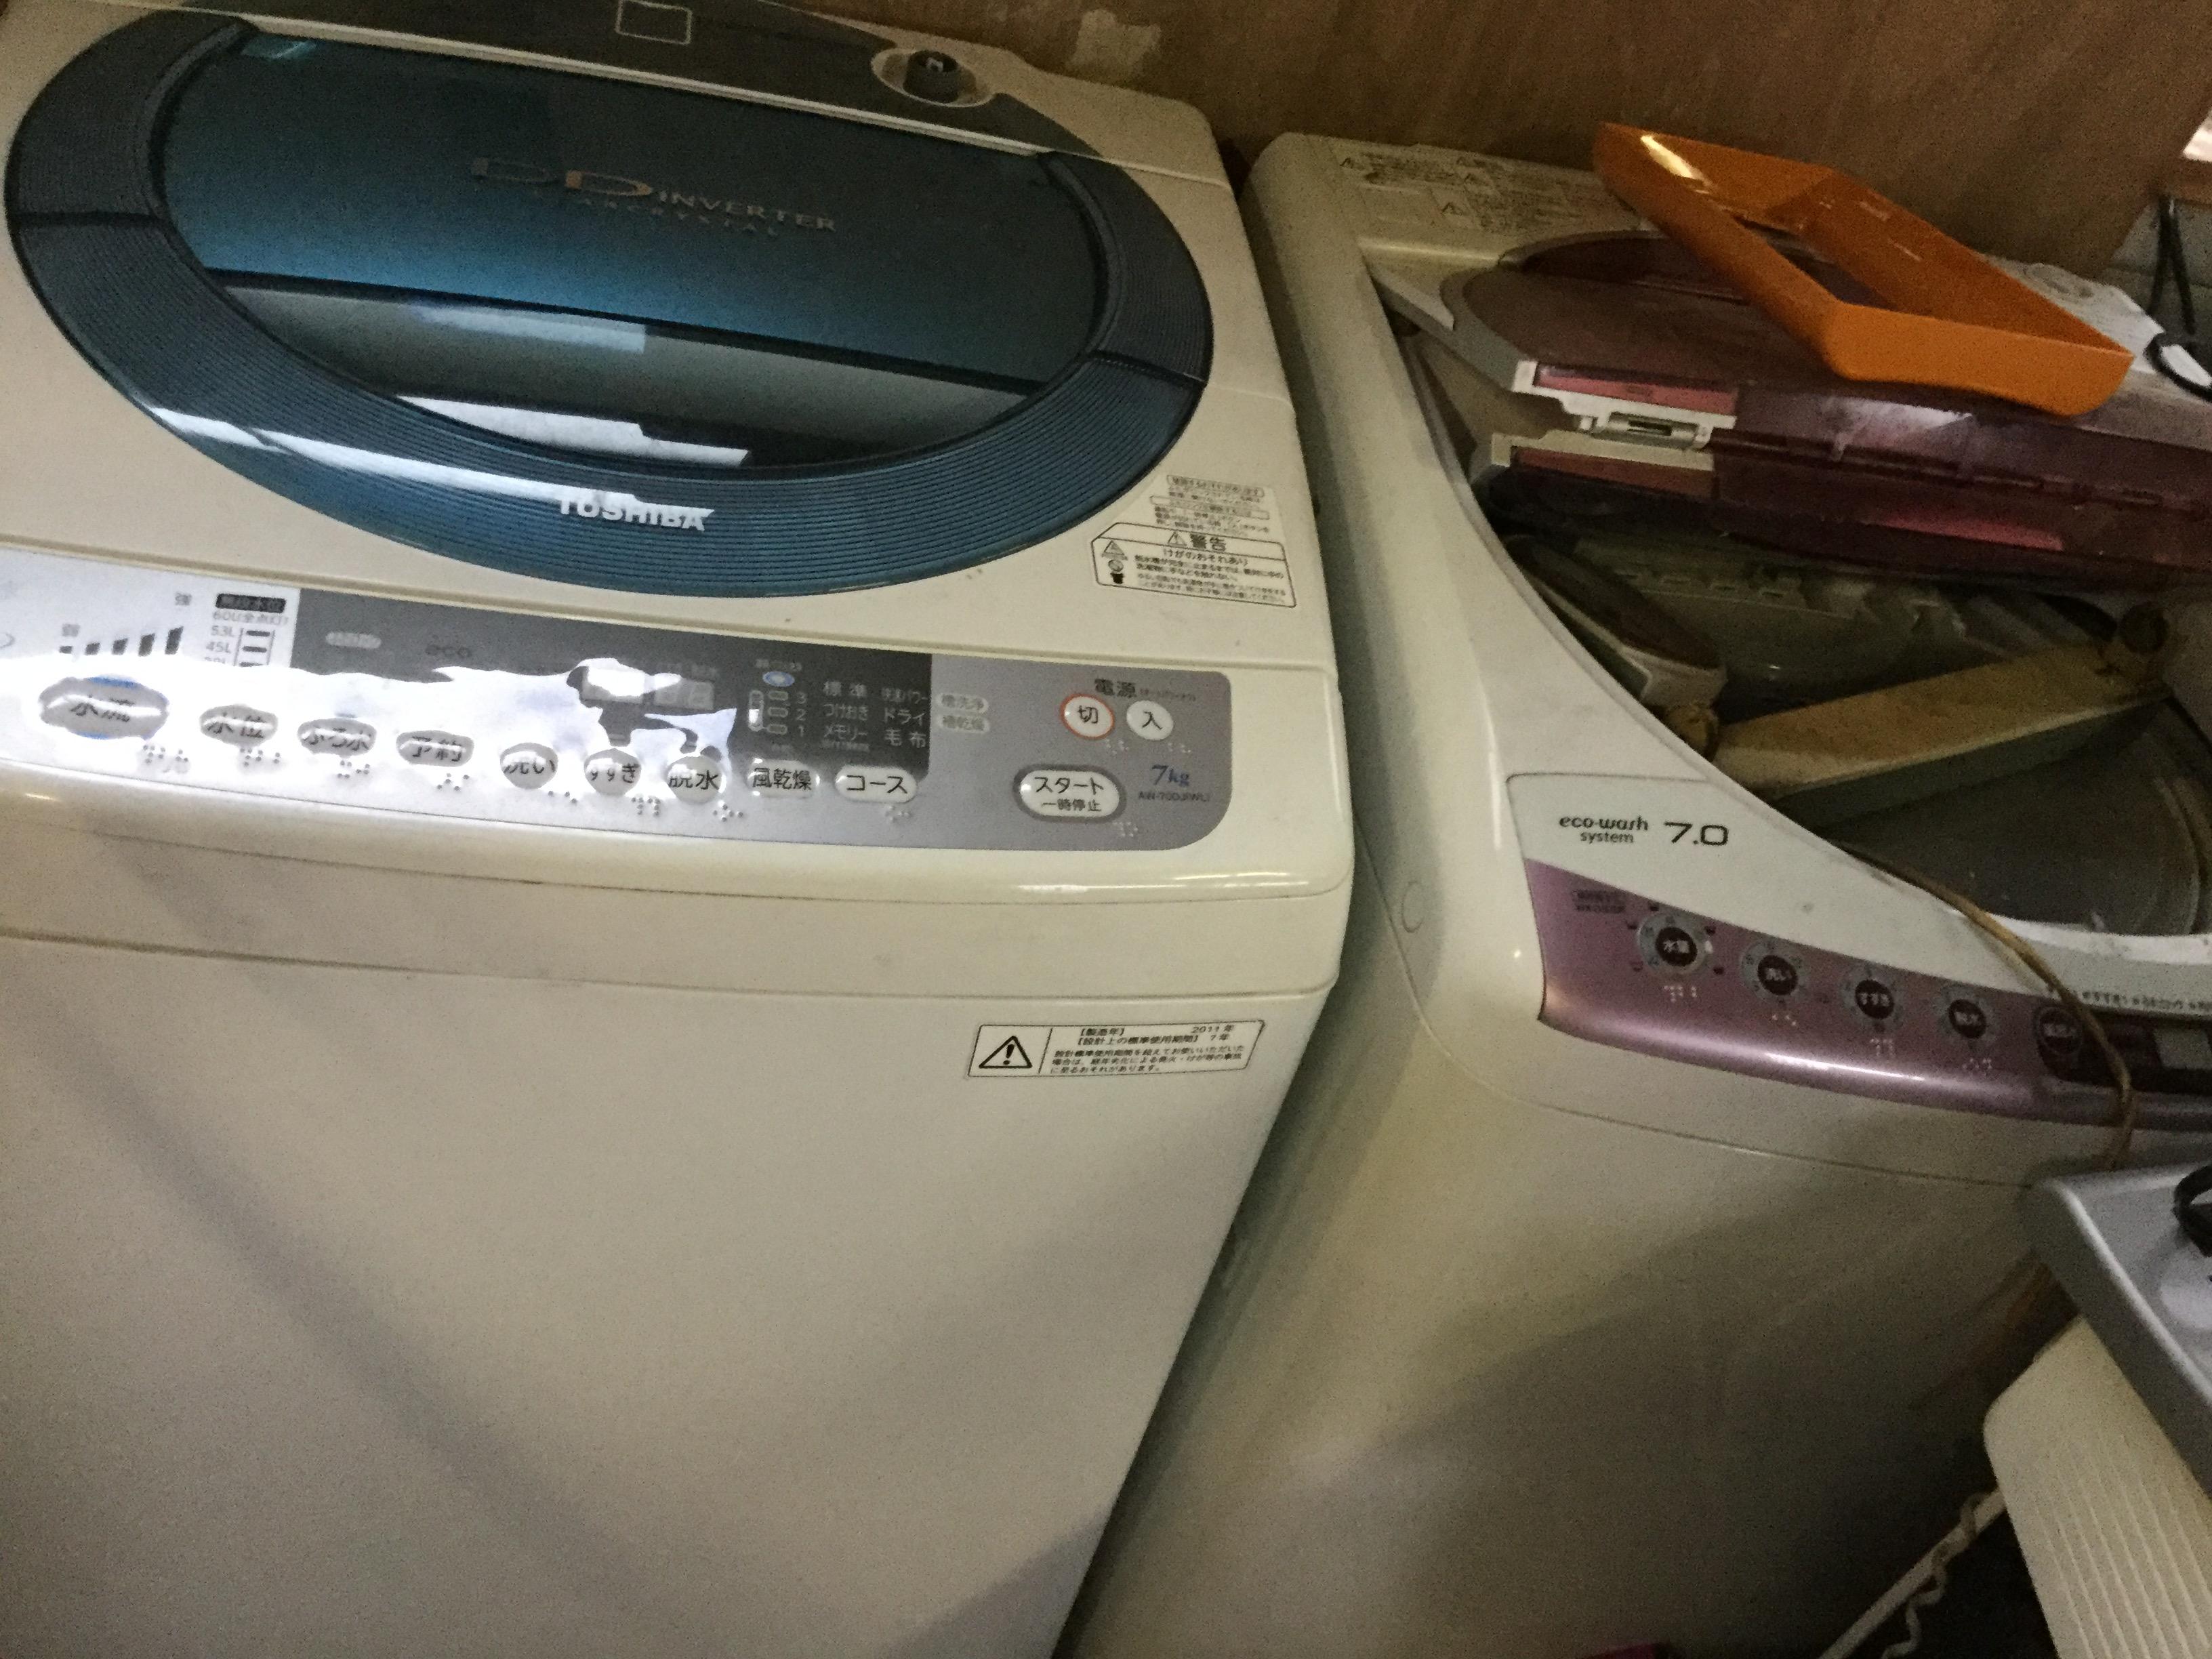 洗濯機③です。